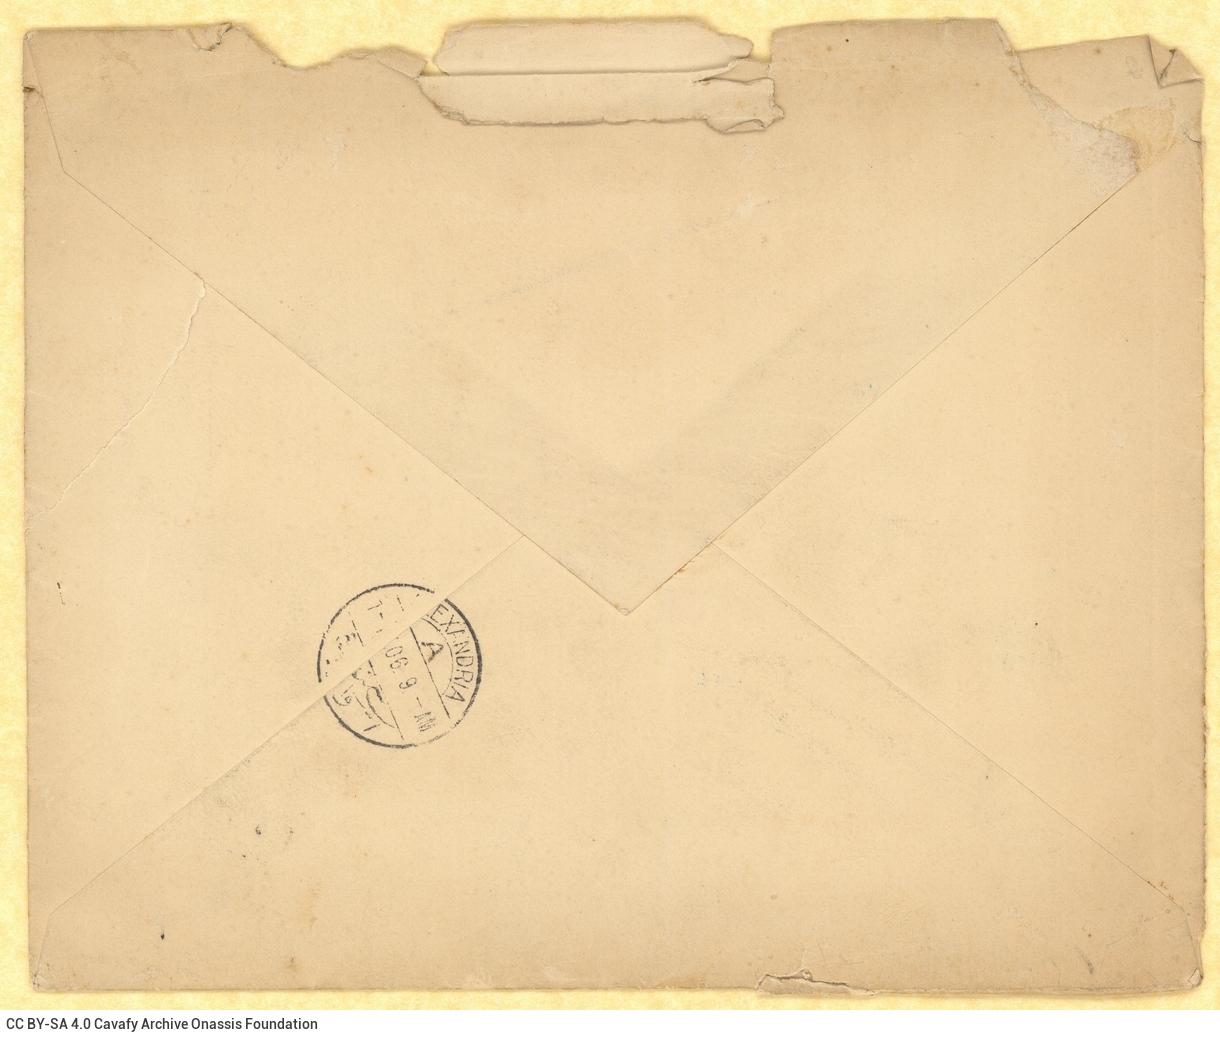 Χειρόγραφη επιστολή της Μαρίκας Τσαλίκη, δεύτερης εξαδέλφης του Καβ